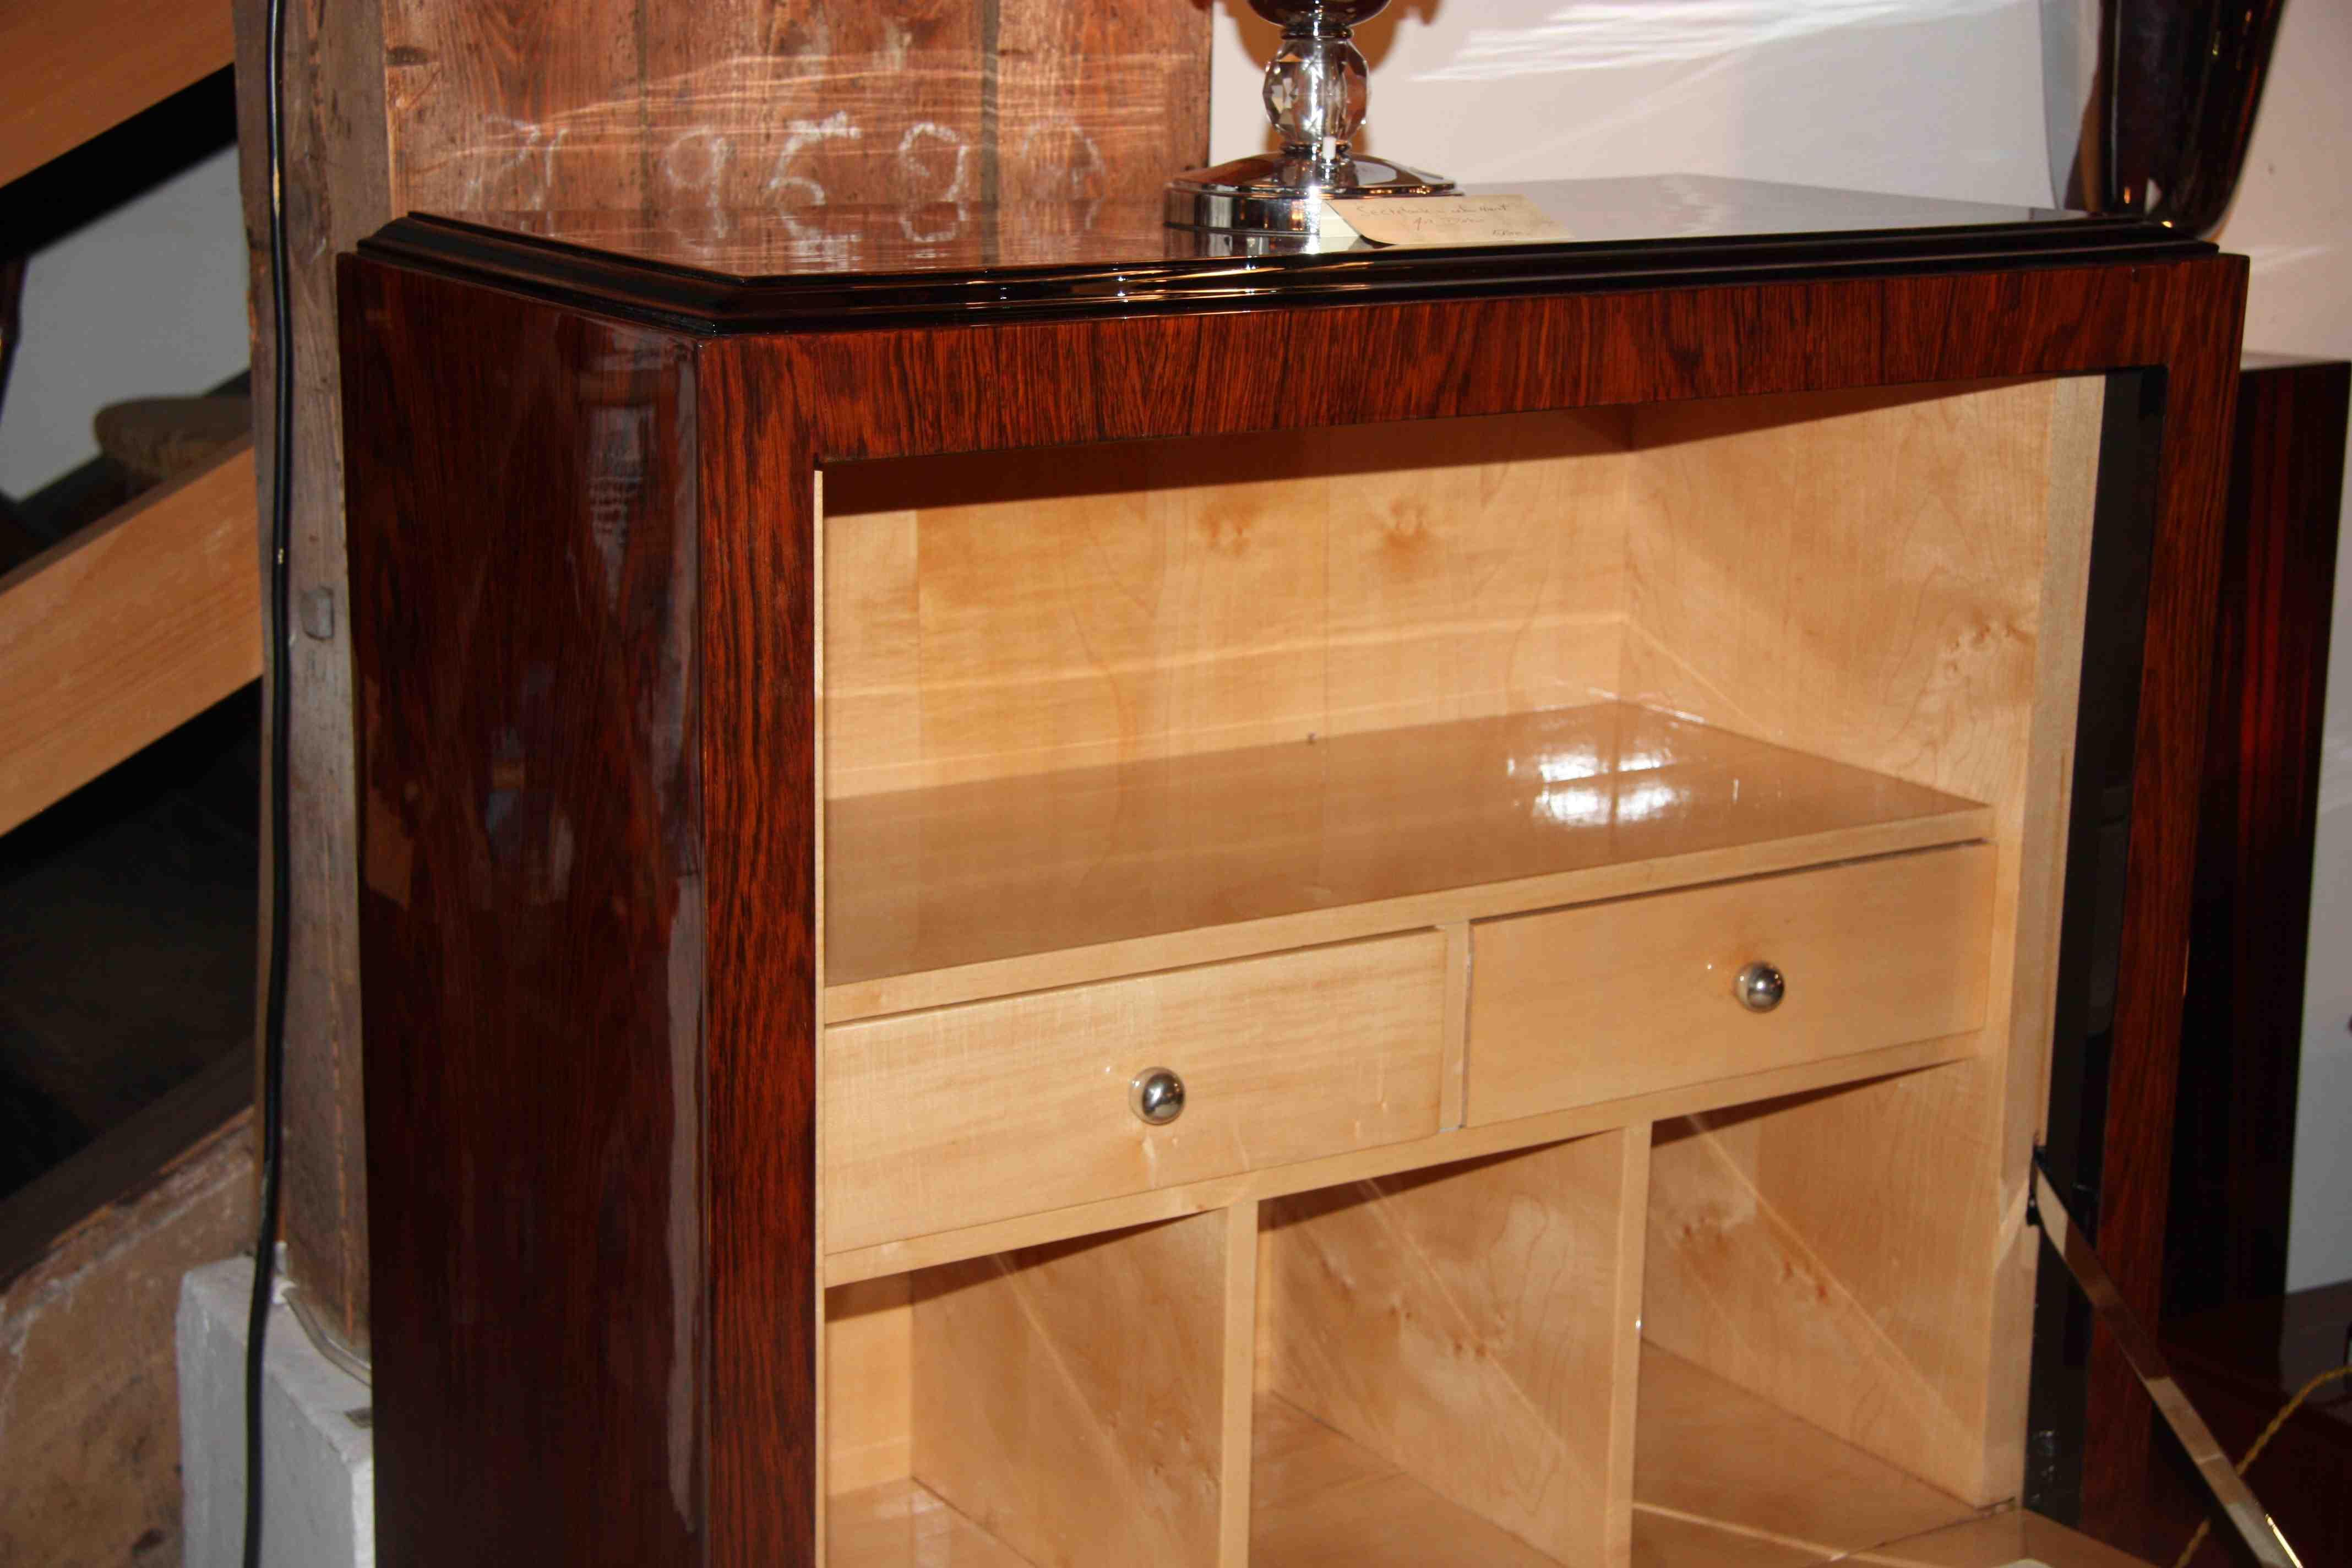 secr taire seretaries abattant art deco en palissandre de rio esprit art d co vente meubles. Black Bedroom Furniture Sets. Home Design Ideas